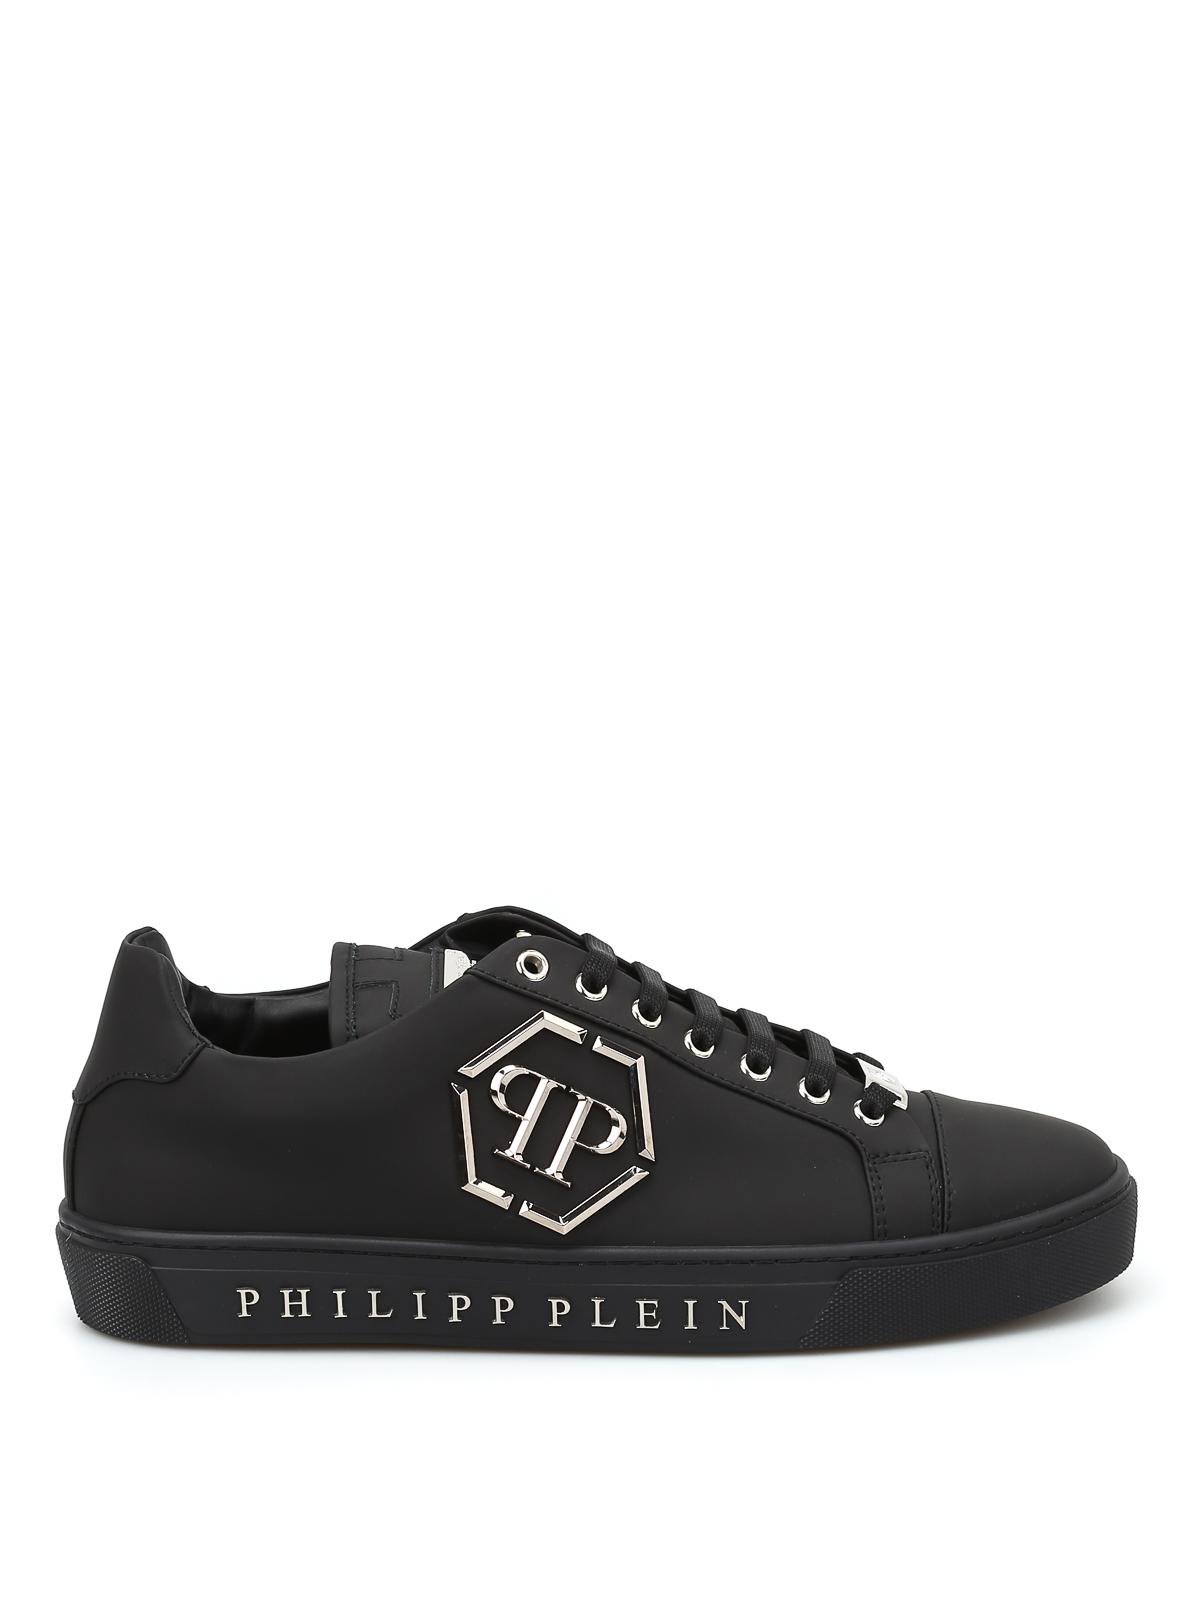 Philipp Plein Baskets Queensland Pour Homme Chaussures